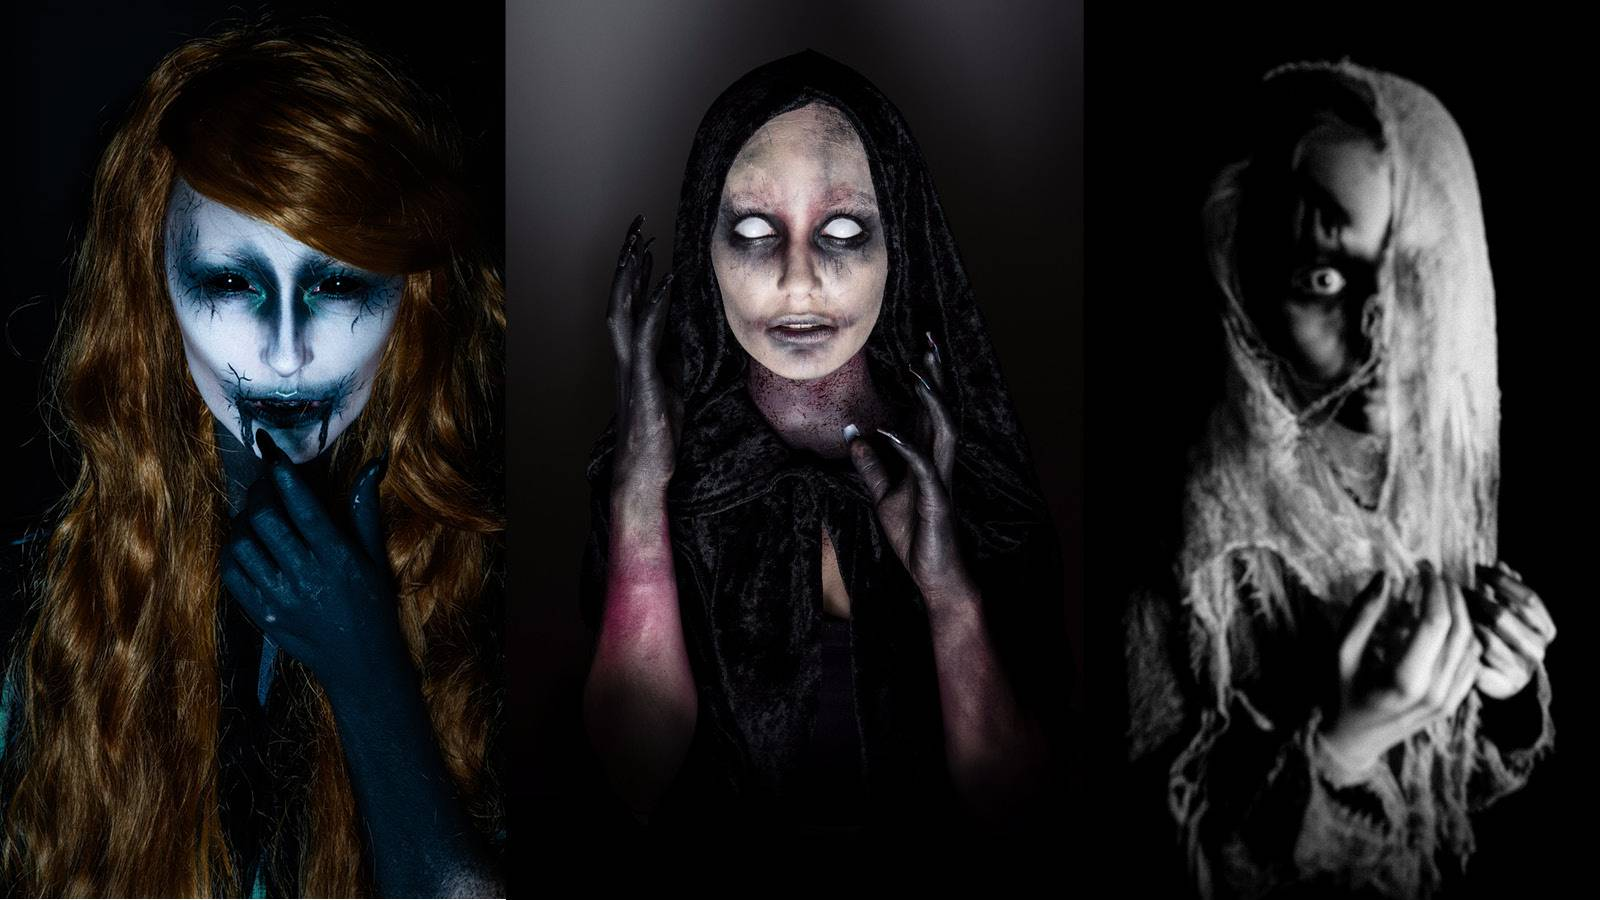 Make Up by Artist Martina Brunner